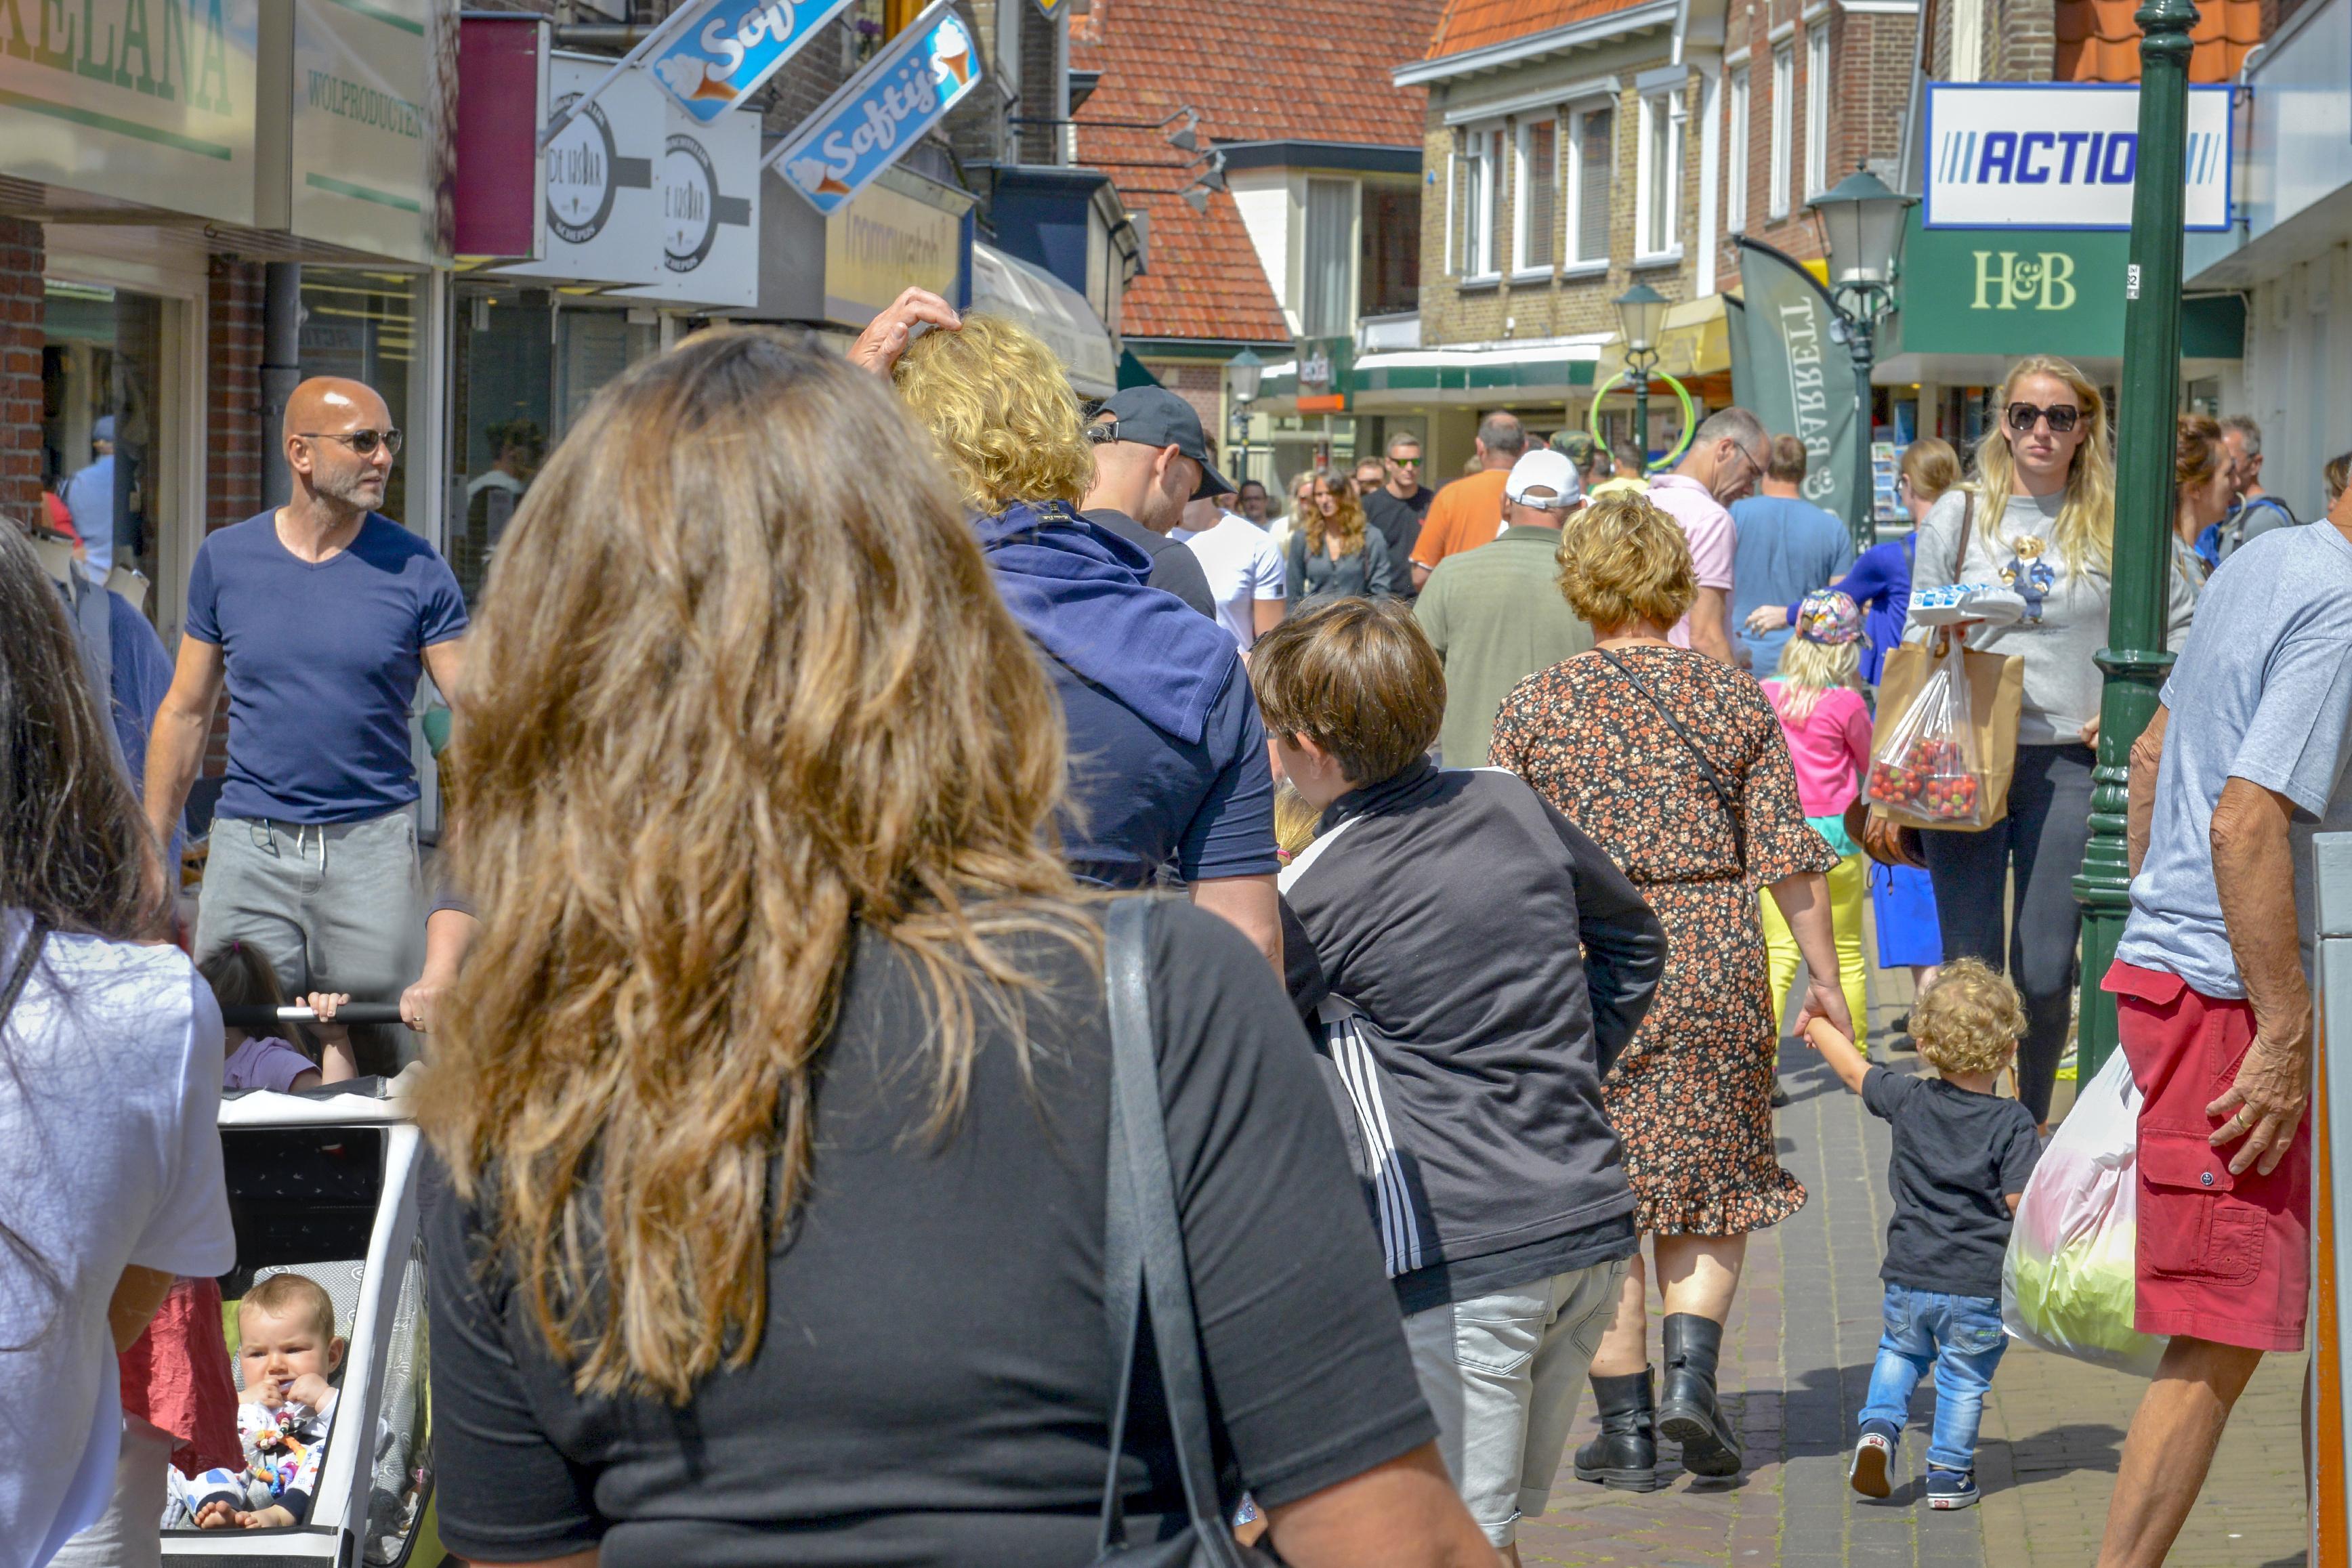 Anderhalve meter afstand is lastig door drukte tijdens markt in Den Burg